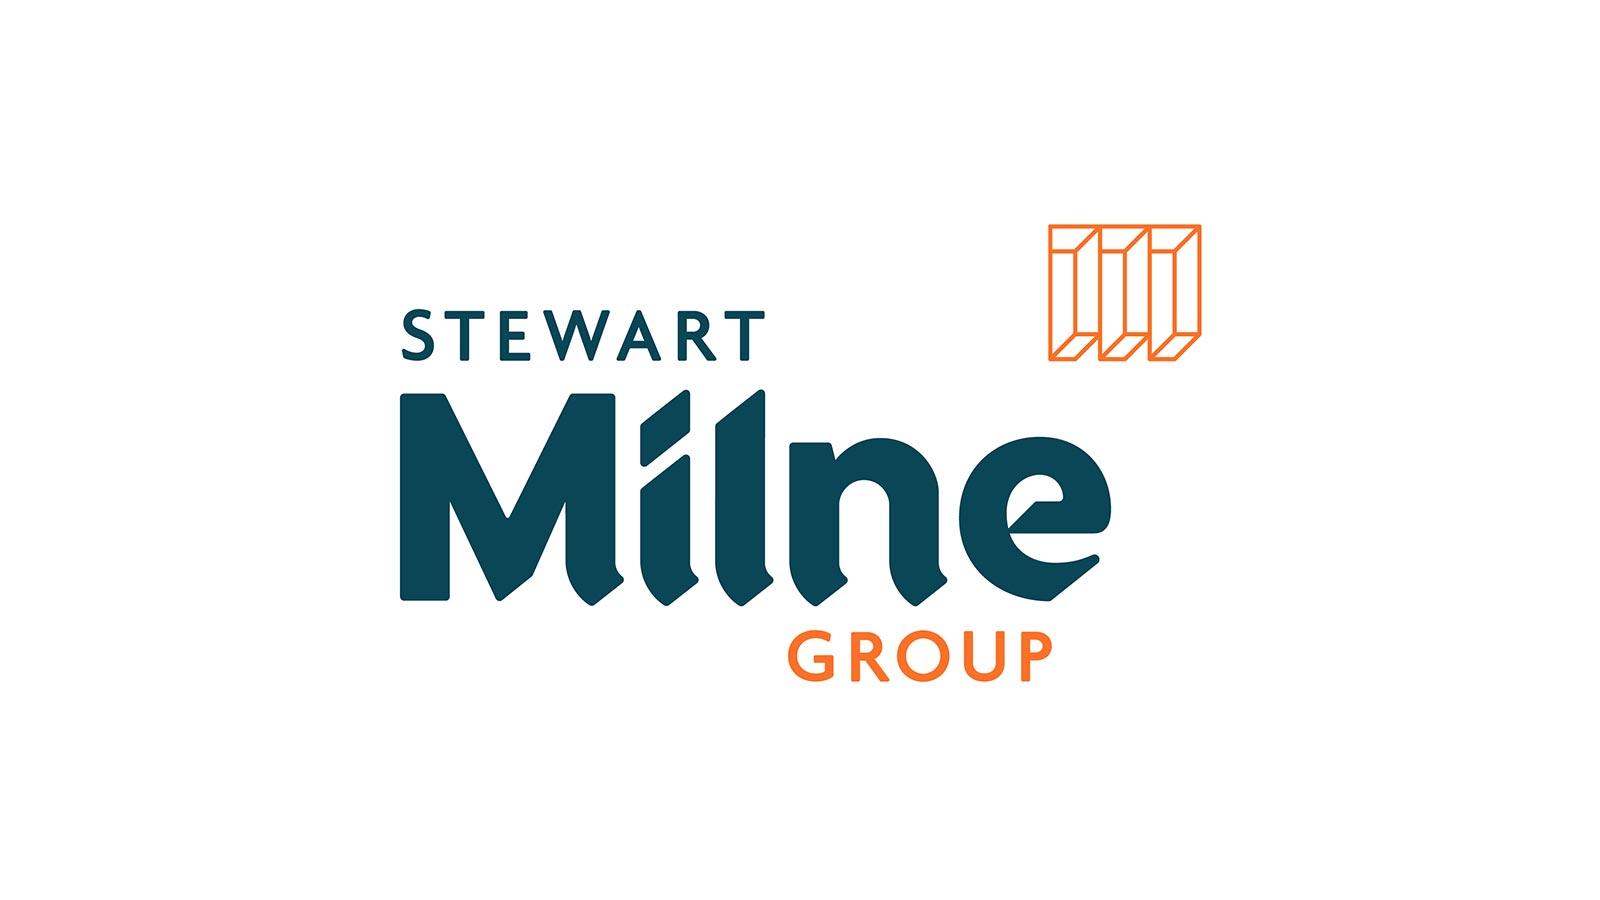 stewart milne group